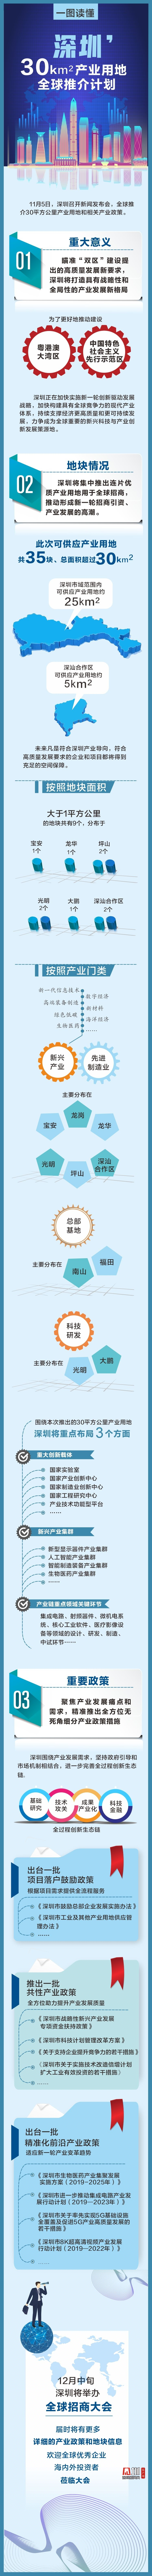 图:深圳音信网